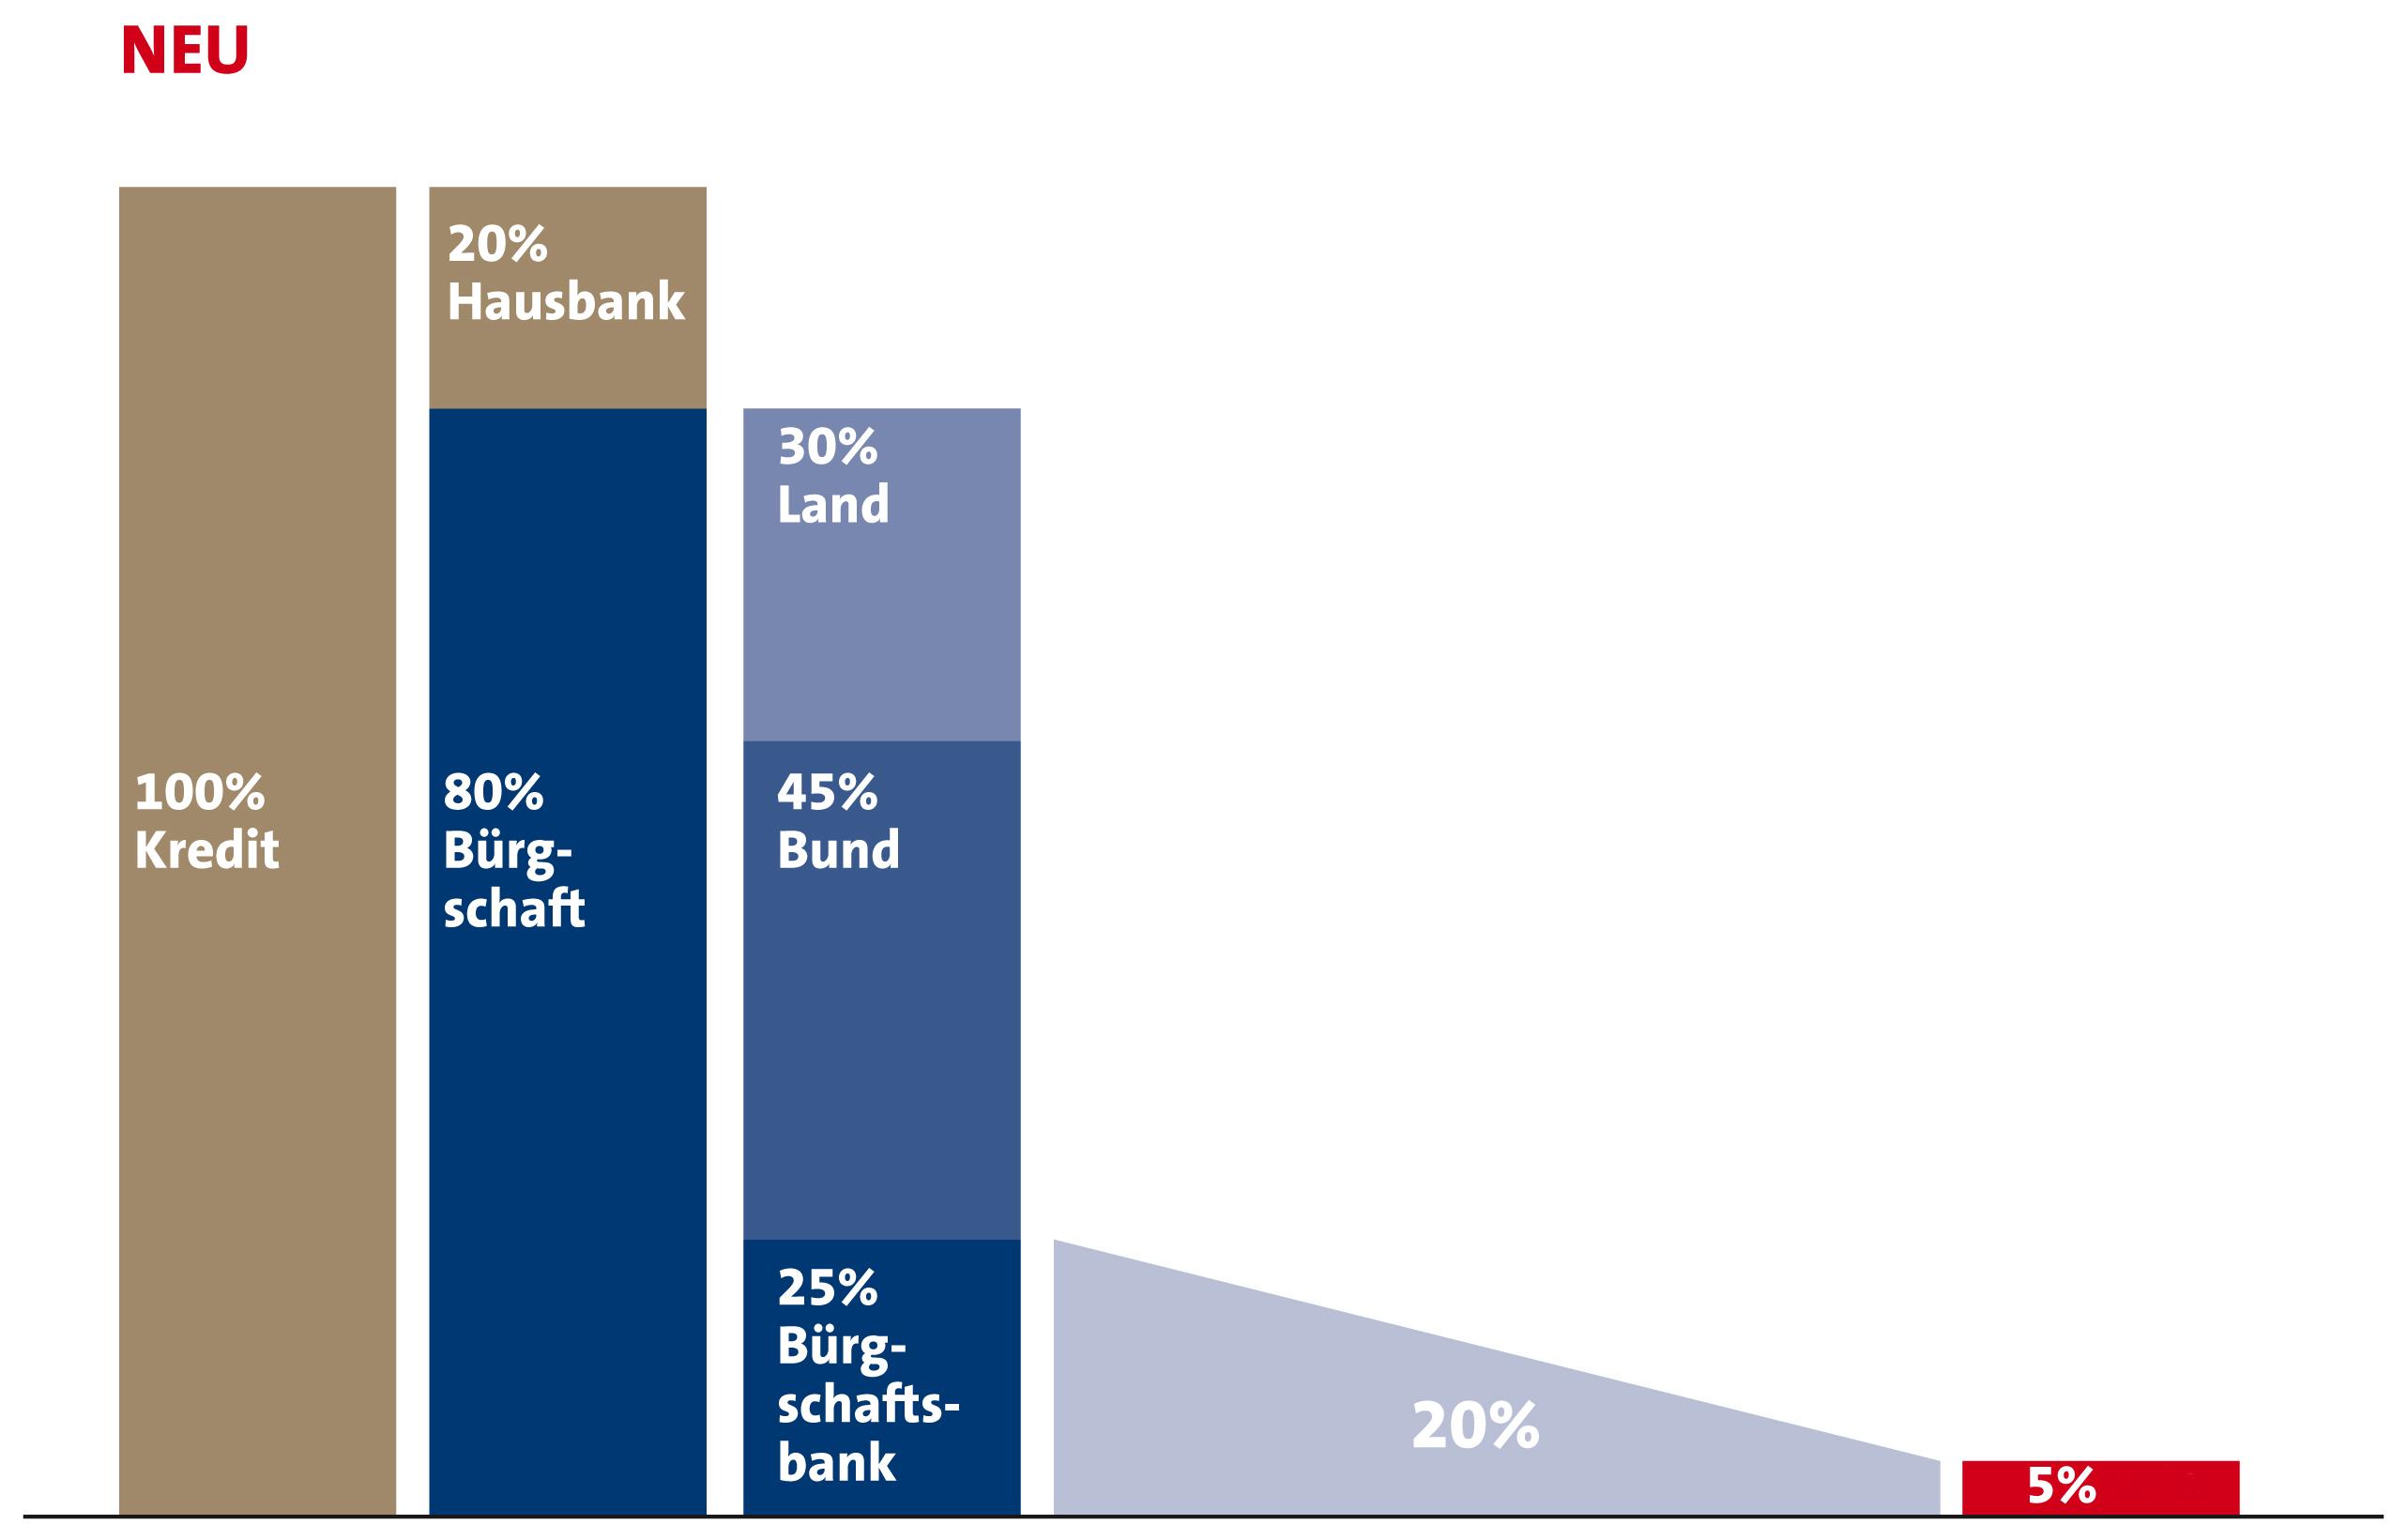 Verband Deutscher Bürgschaftsbanken e.V.: Risikogewicht sinkt auf fünf Prozent. Neue Eigenkapital-Gewichtung von Bürgschaften in den neuen Bundesländern